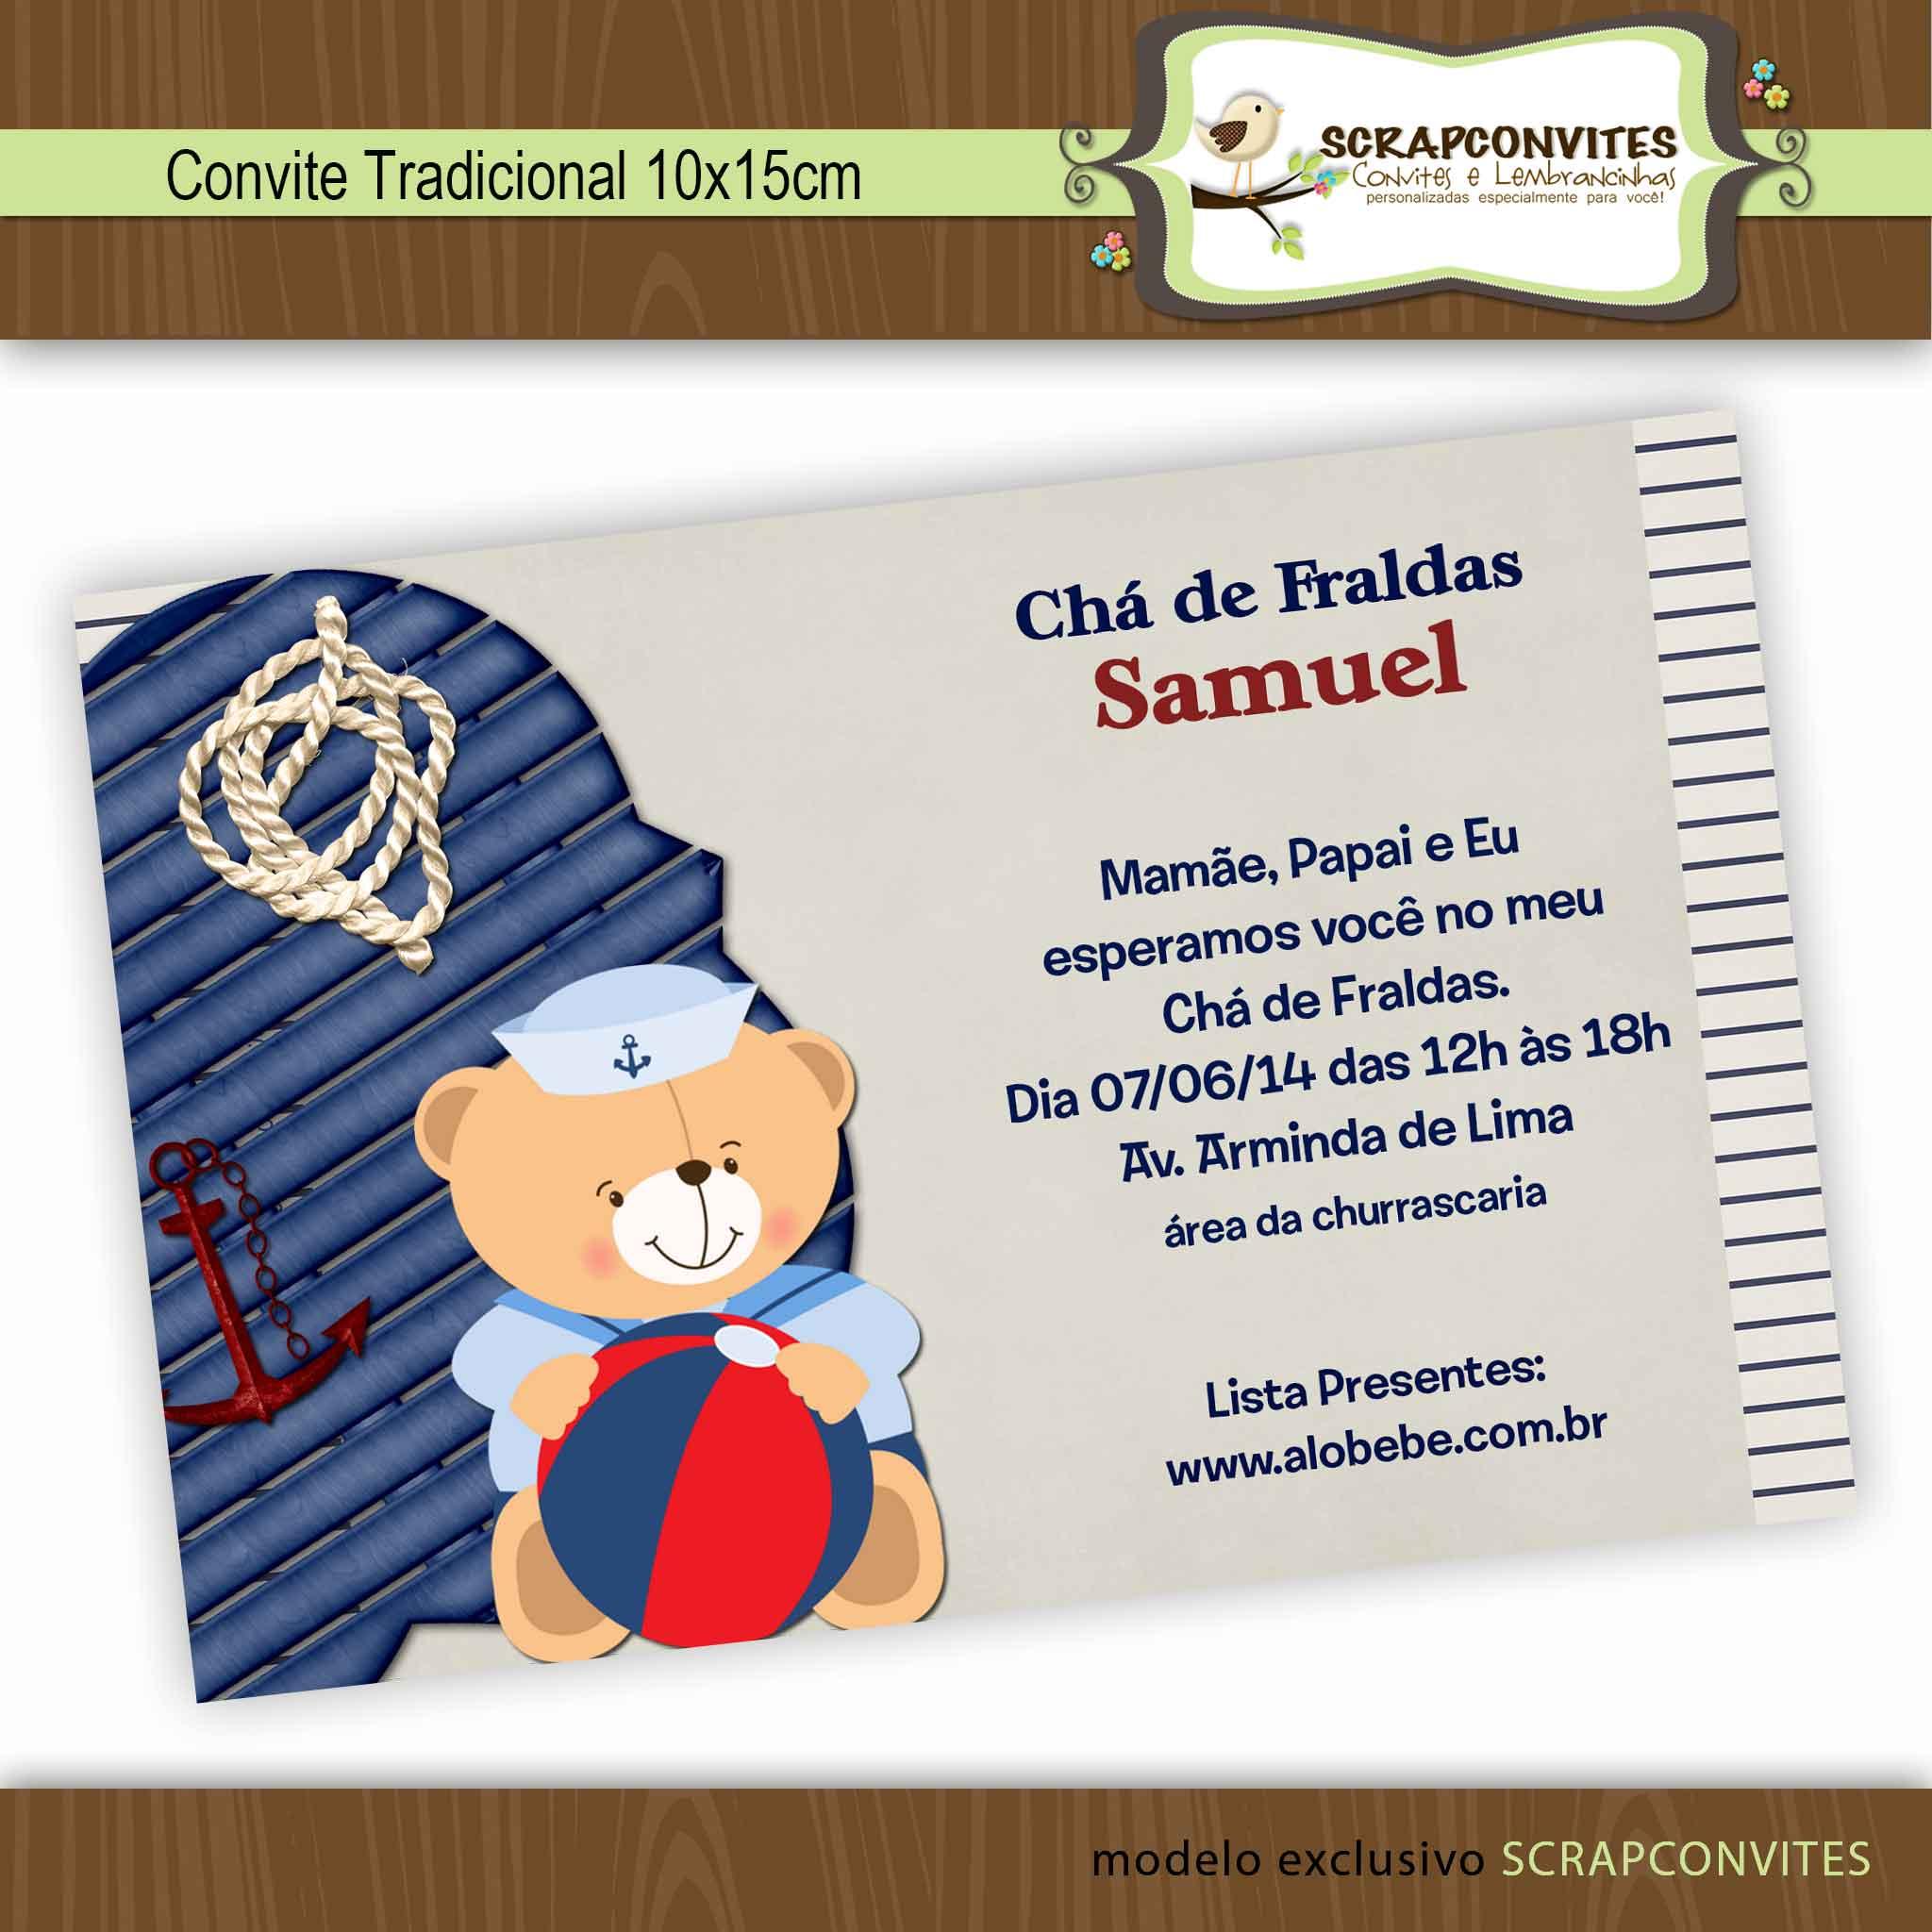 Fabuloso Convite Ursinho Marinheiro no Elo7 | SCRAPCONVITES ARTES (44368C) QD51